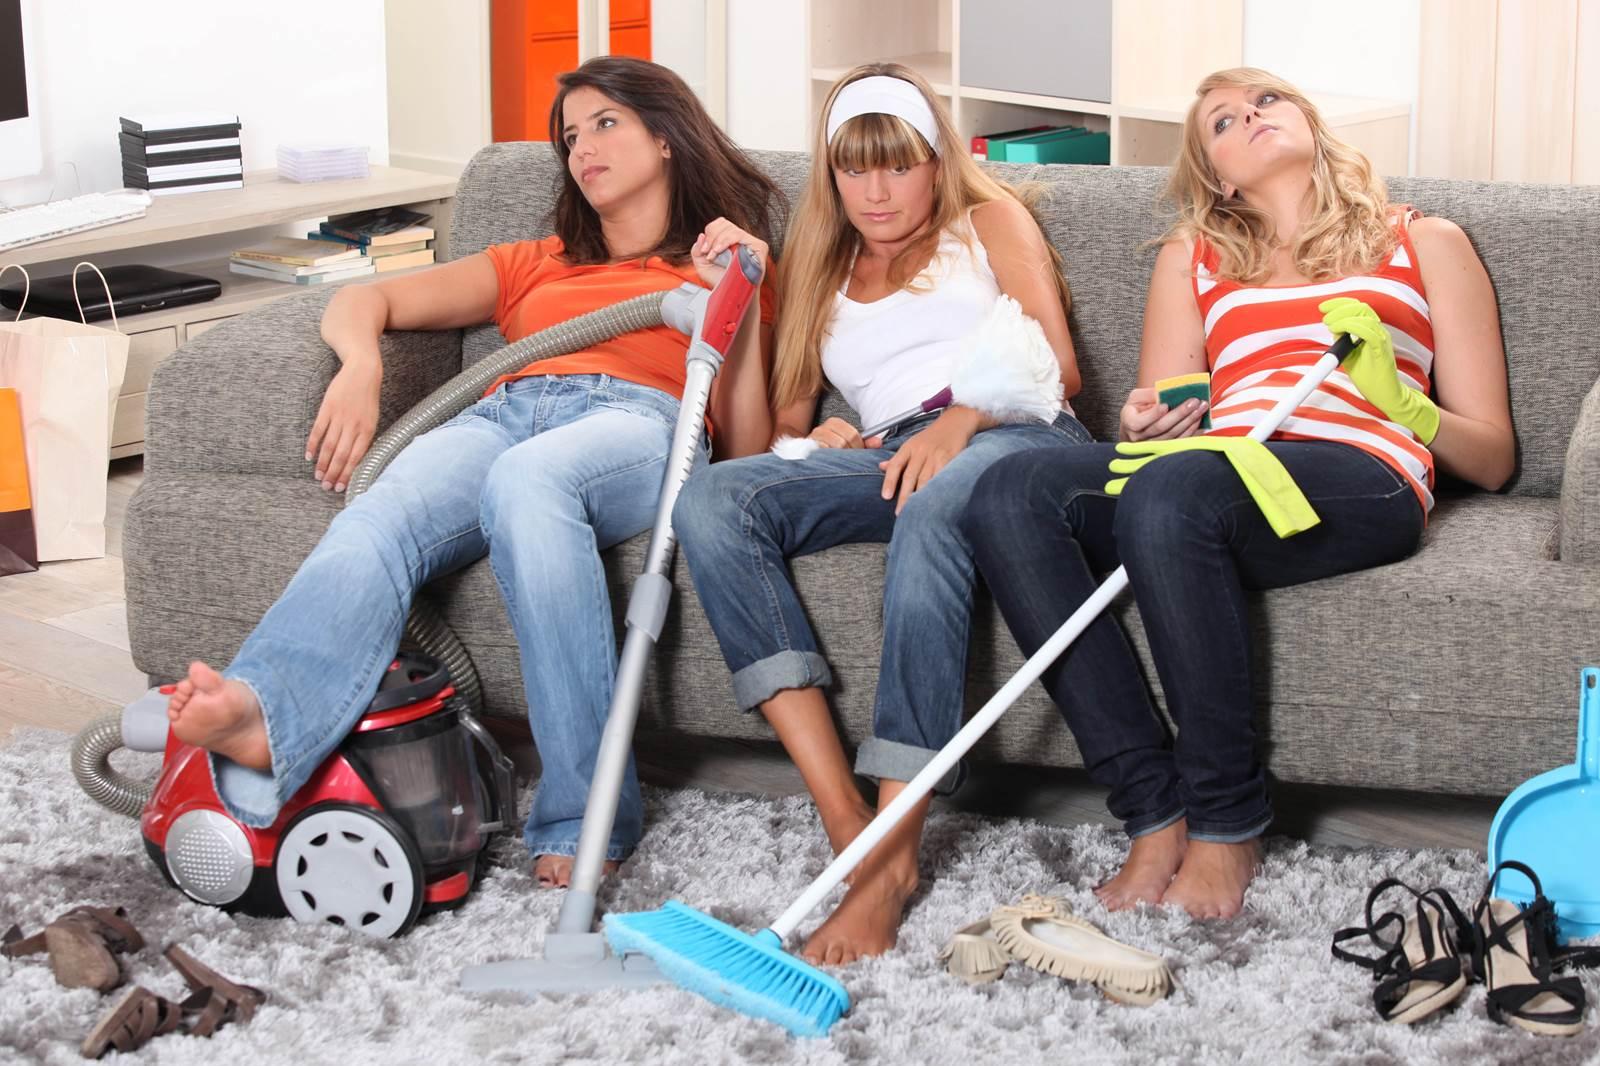 Girls Cohabitating Not Fun | PhloxADR